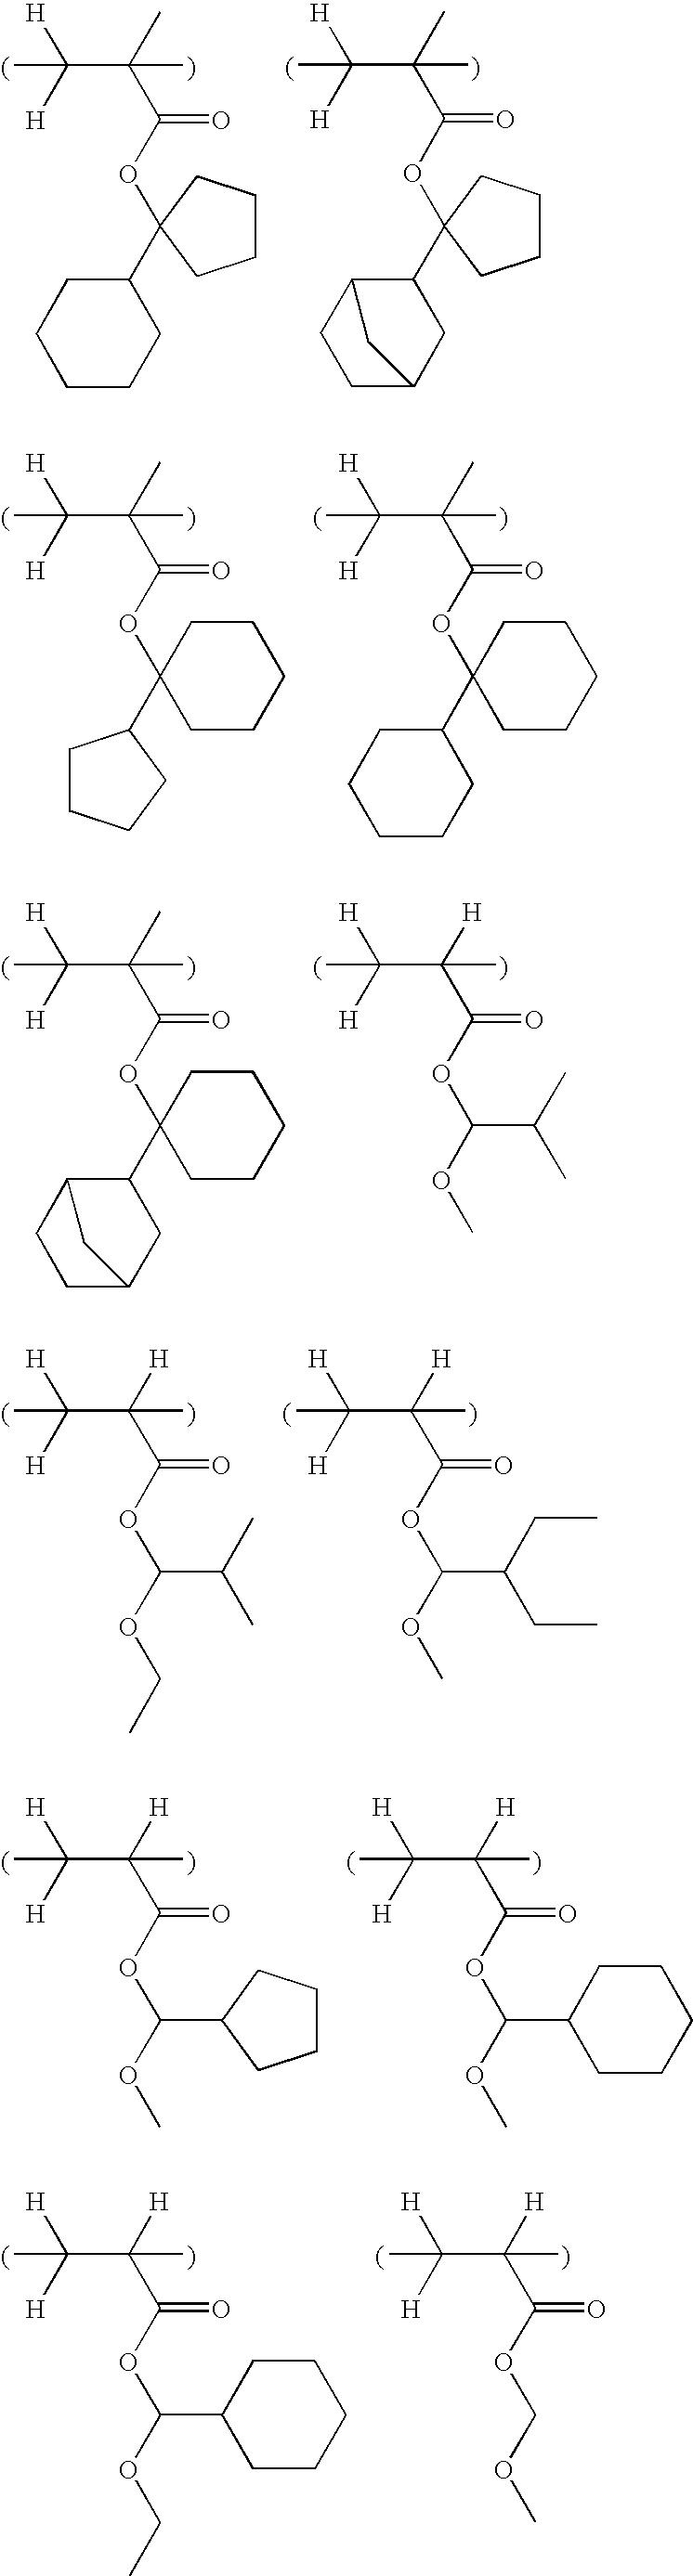 Figure US20080026331A1-20080131-C00047